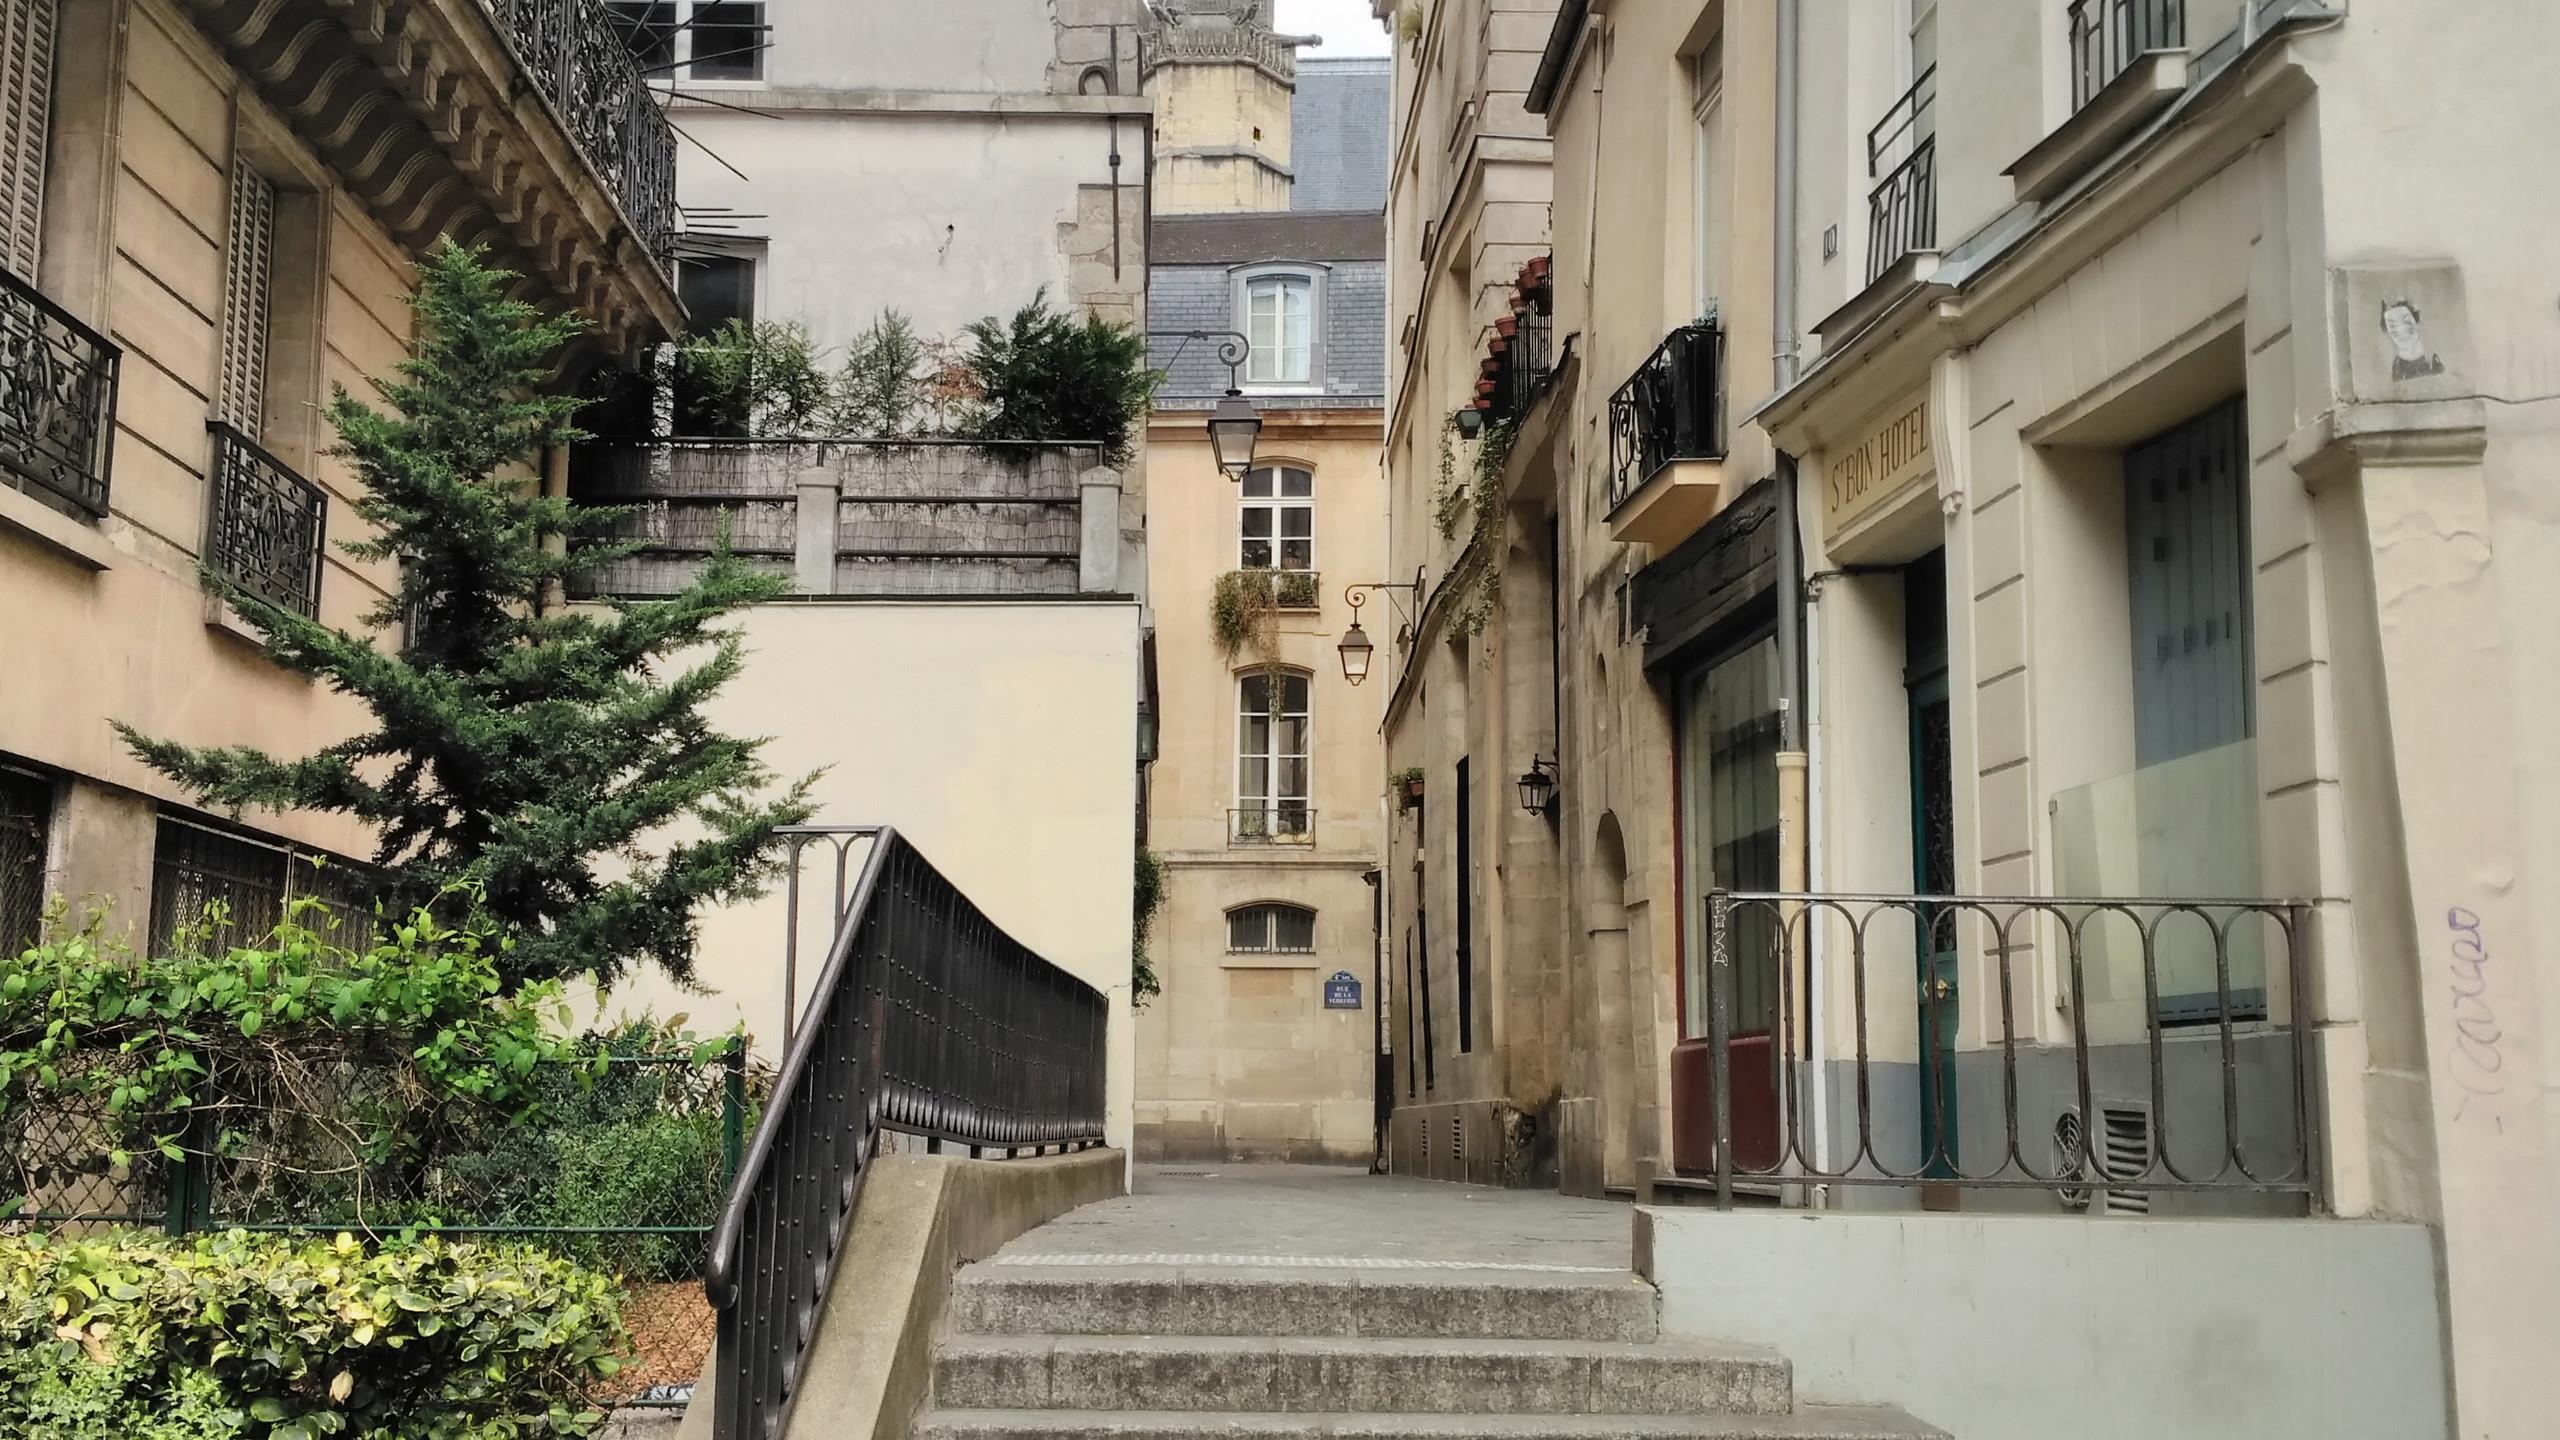 Stairs - Passage Paris 04